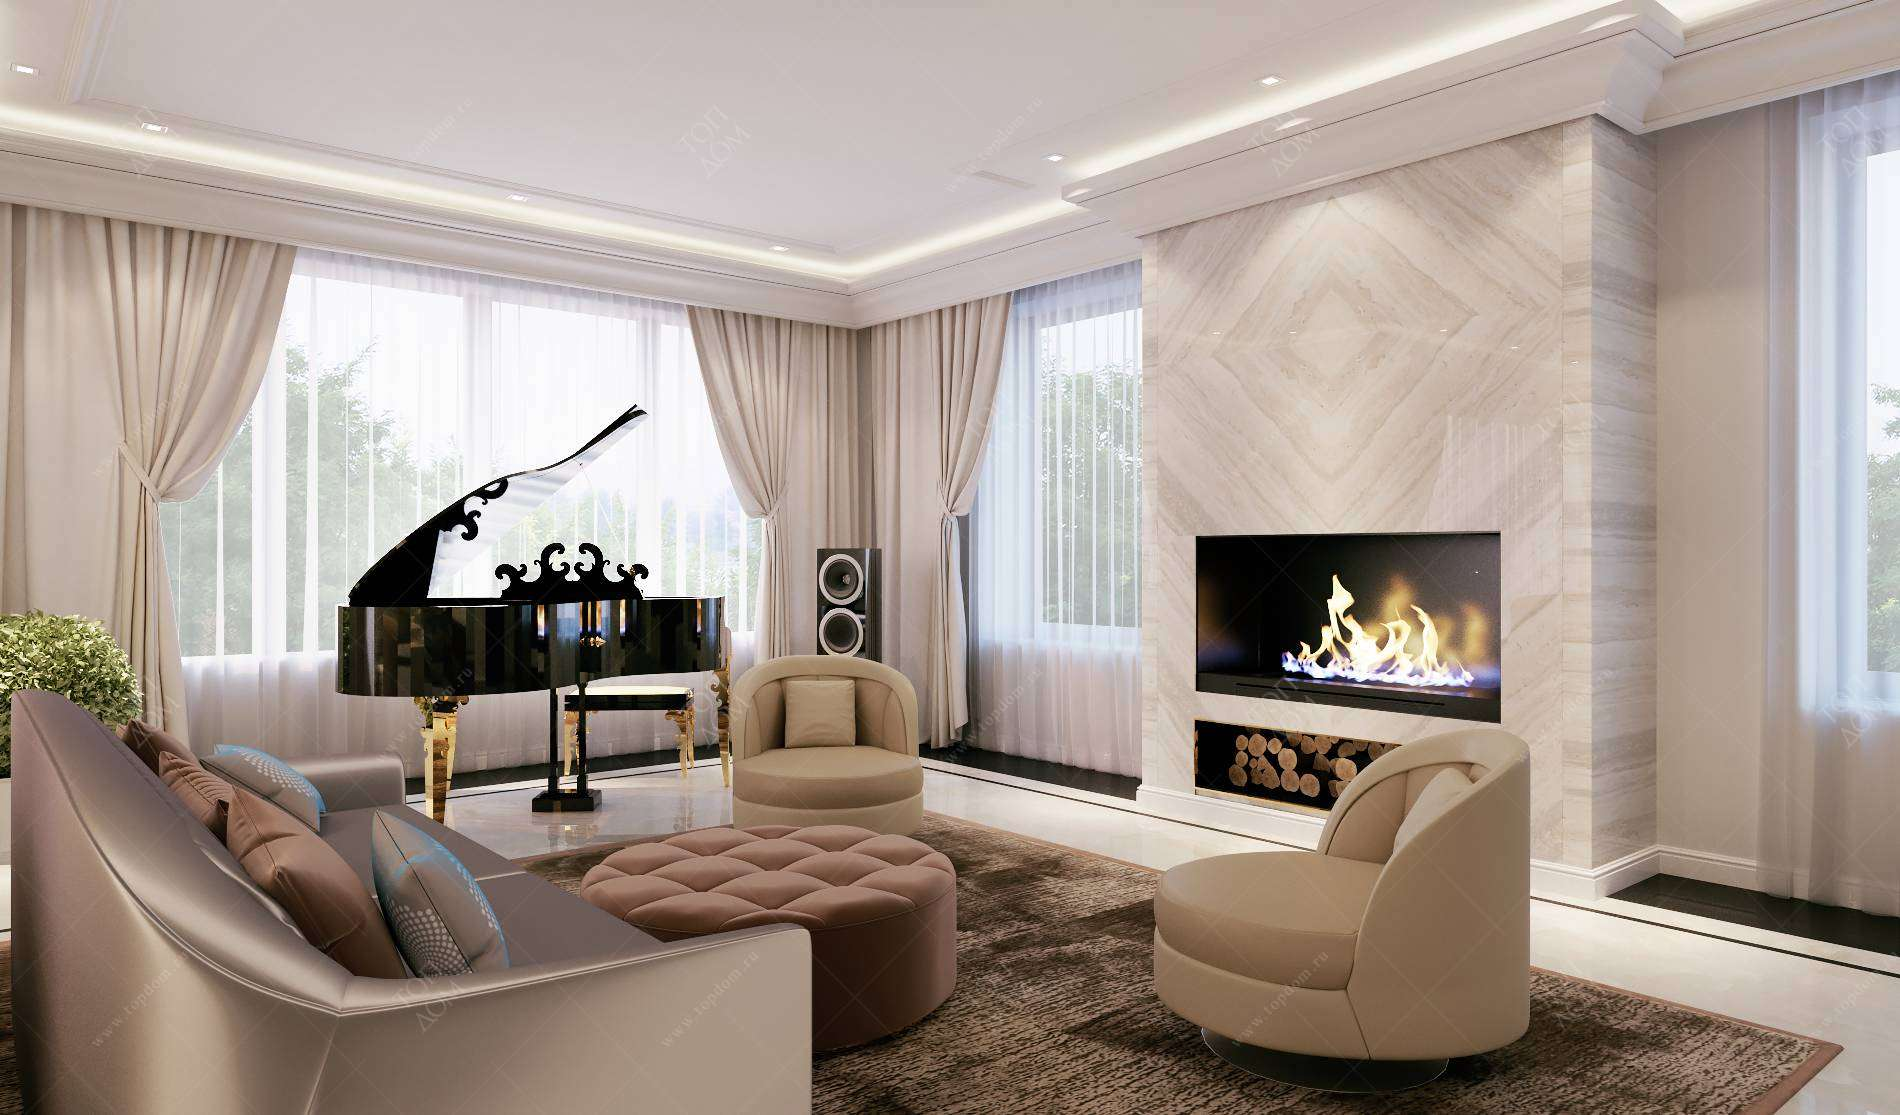 Интерьер гостиной с камином - виды, особенности, интересные фото идеи